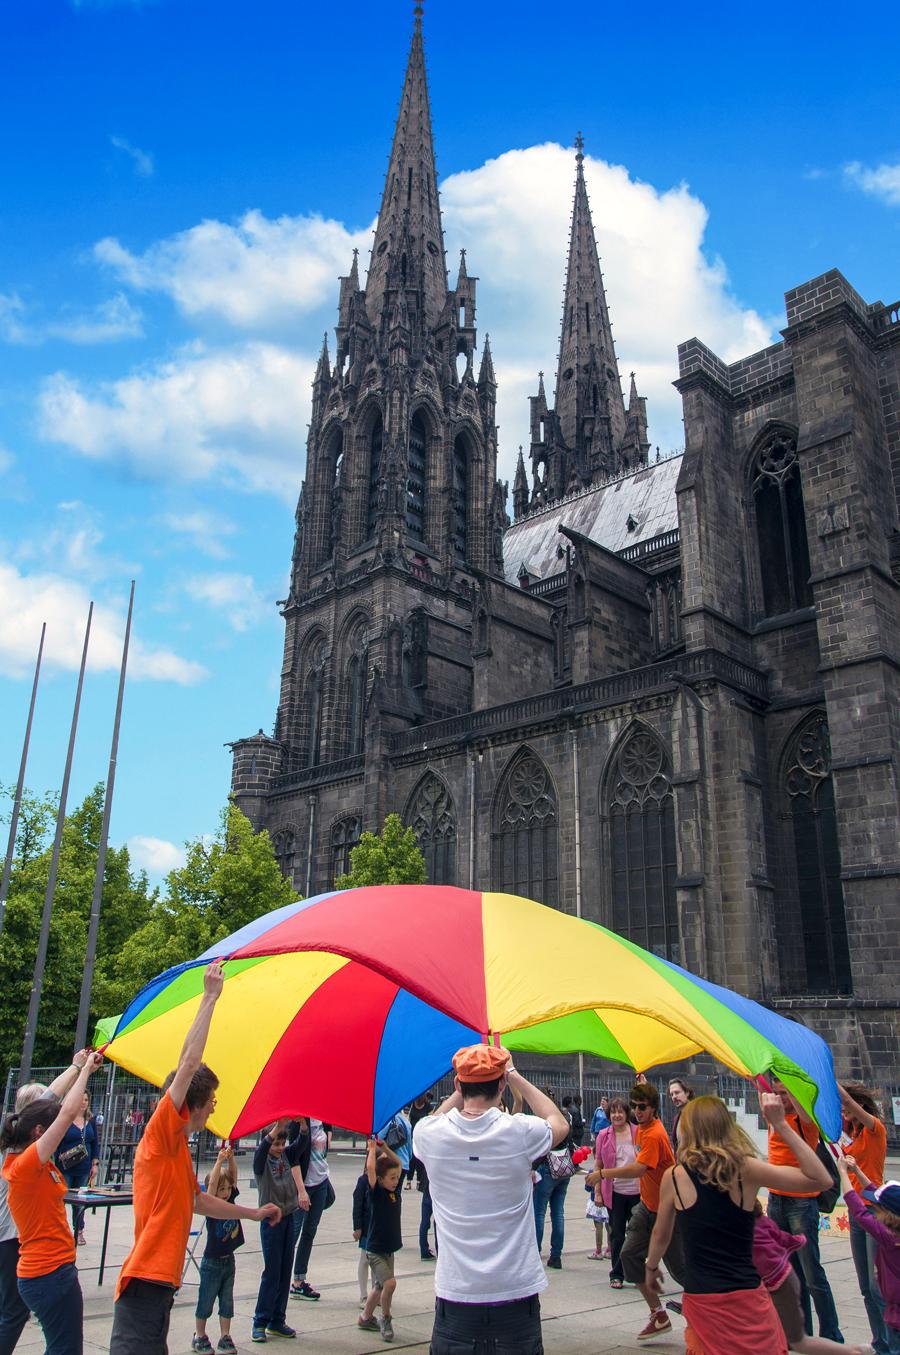 Jeu du parachute de la Maison des Jeux pour la Fête du Jeu devant la cathédrale de la place de la Victoire à Clermont-Ferrand